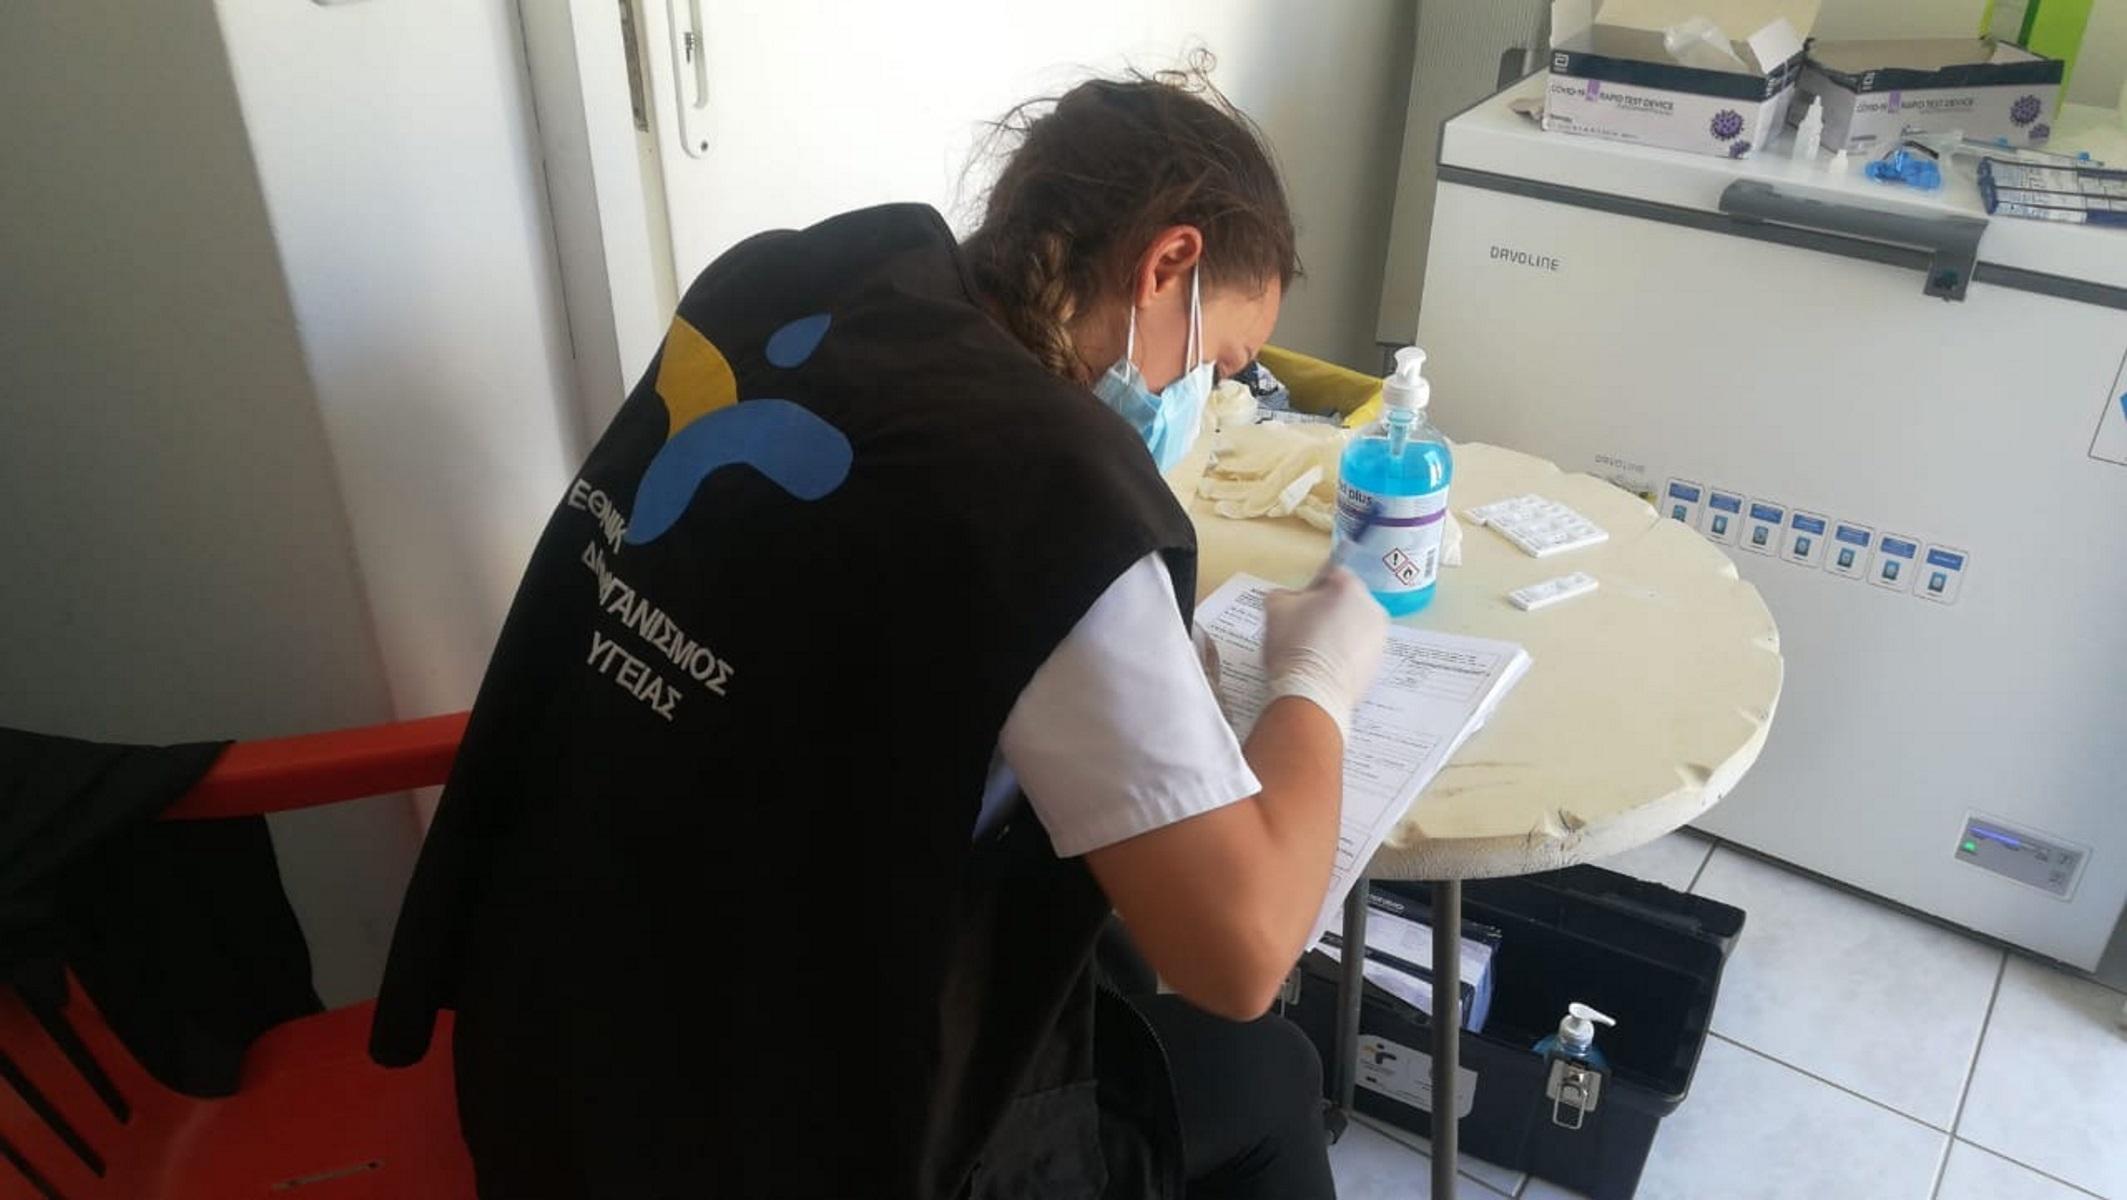 ΕΟΔΥ: Έλεγχοι για κορονοϊό σε μικρά και ακριτικά νησιά του Αιγαίου